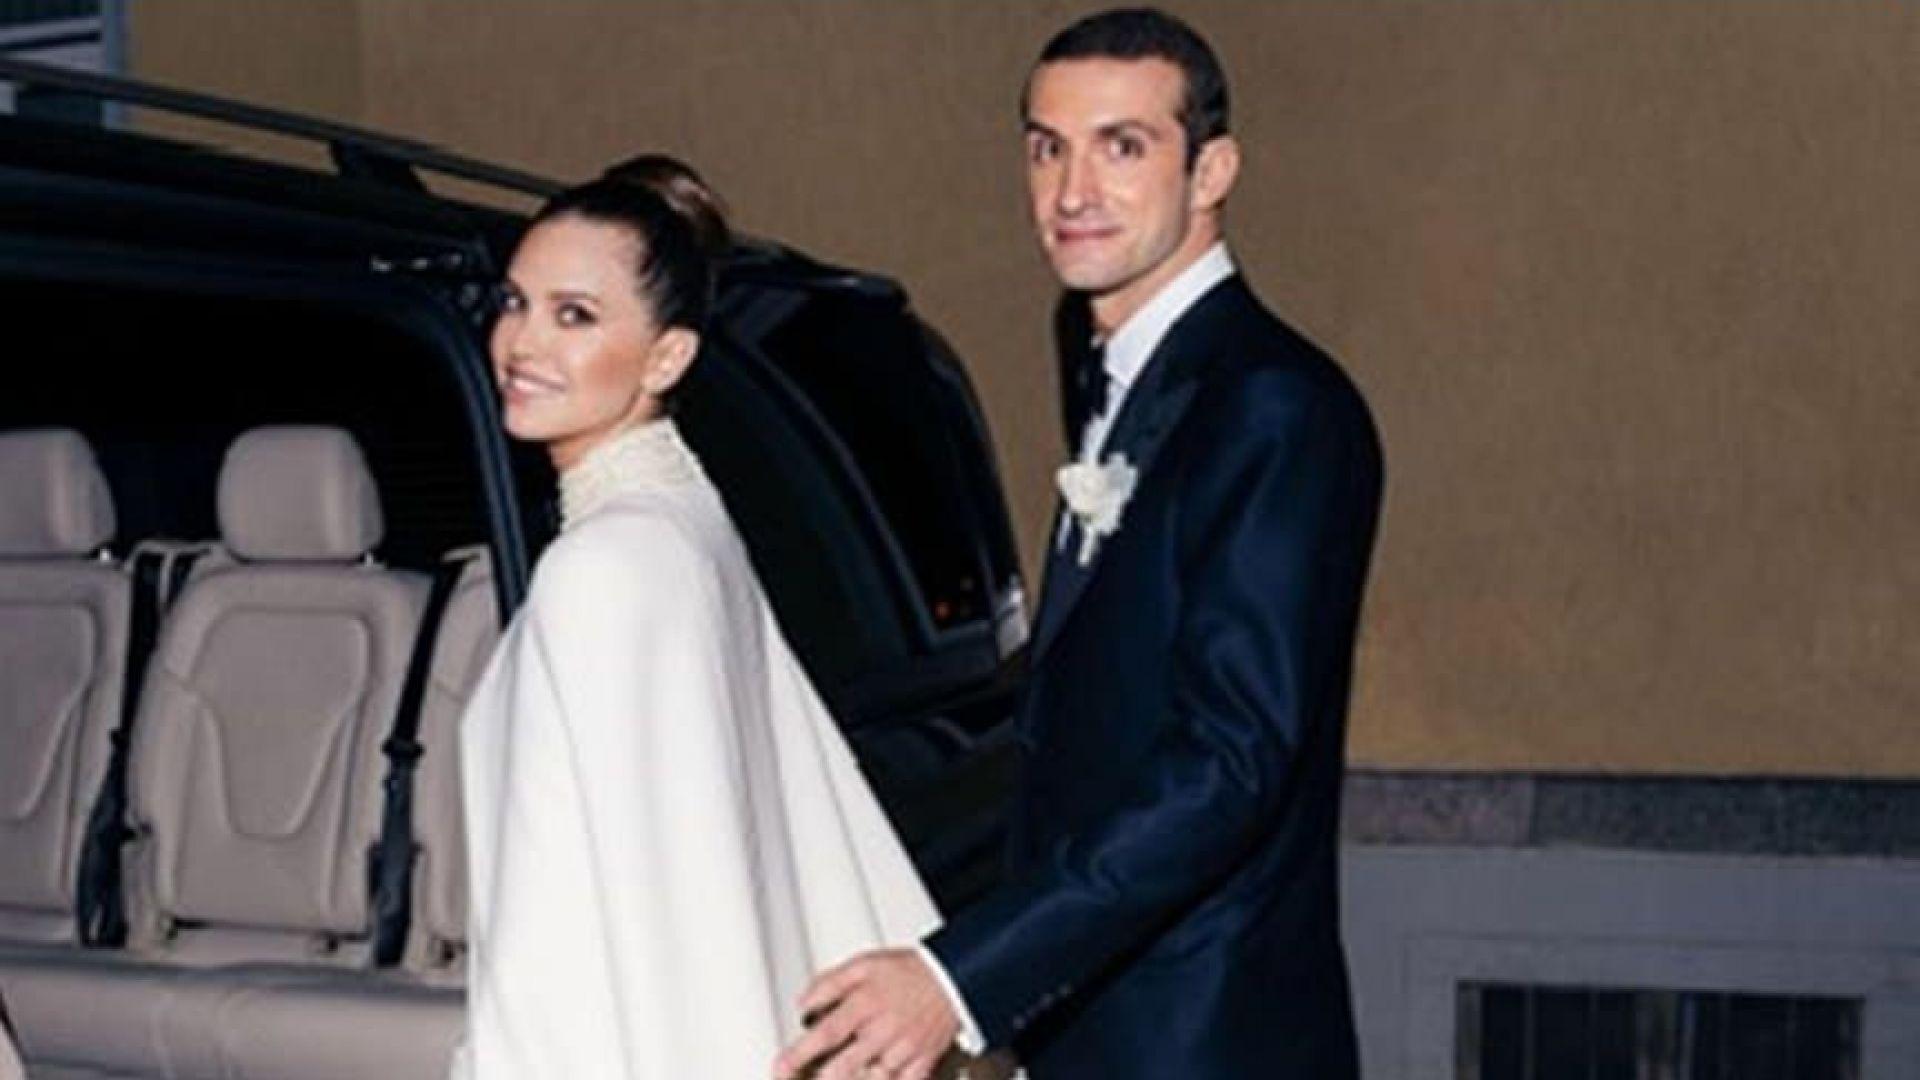 Бившата на Абрамович - Даша Жукова, се омъжи за гръцки милиардер